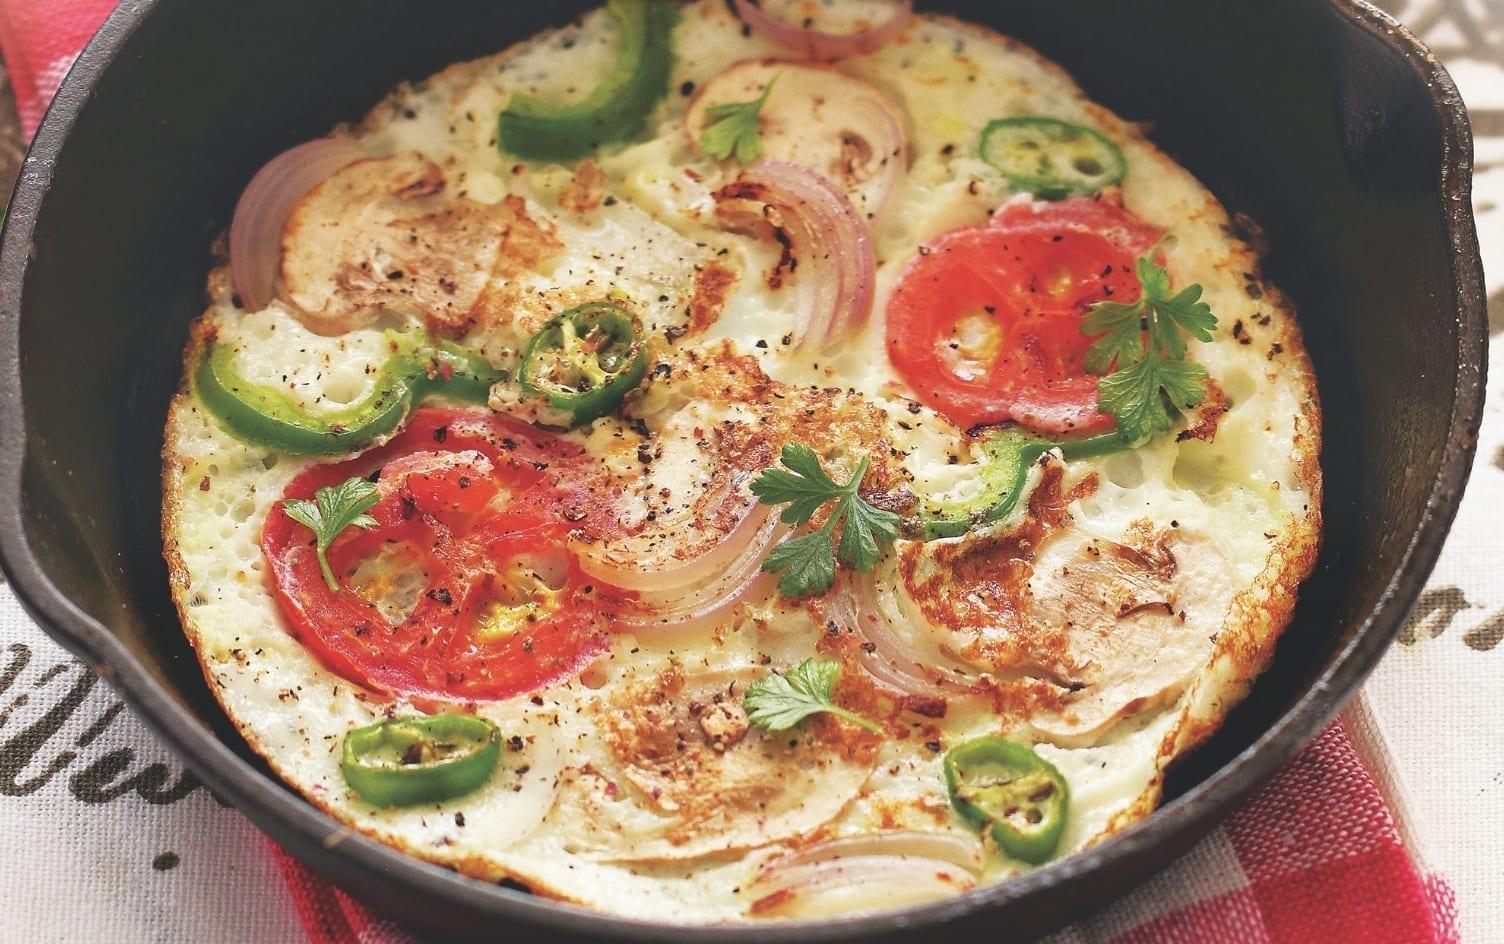 Spanish Oat Omelette Myfitnesspal